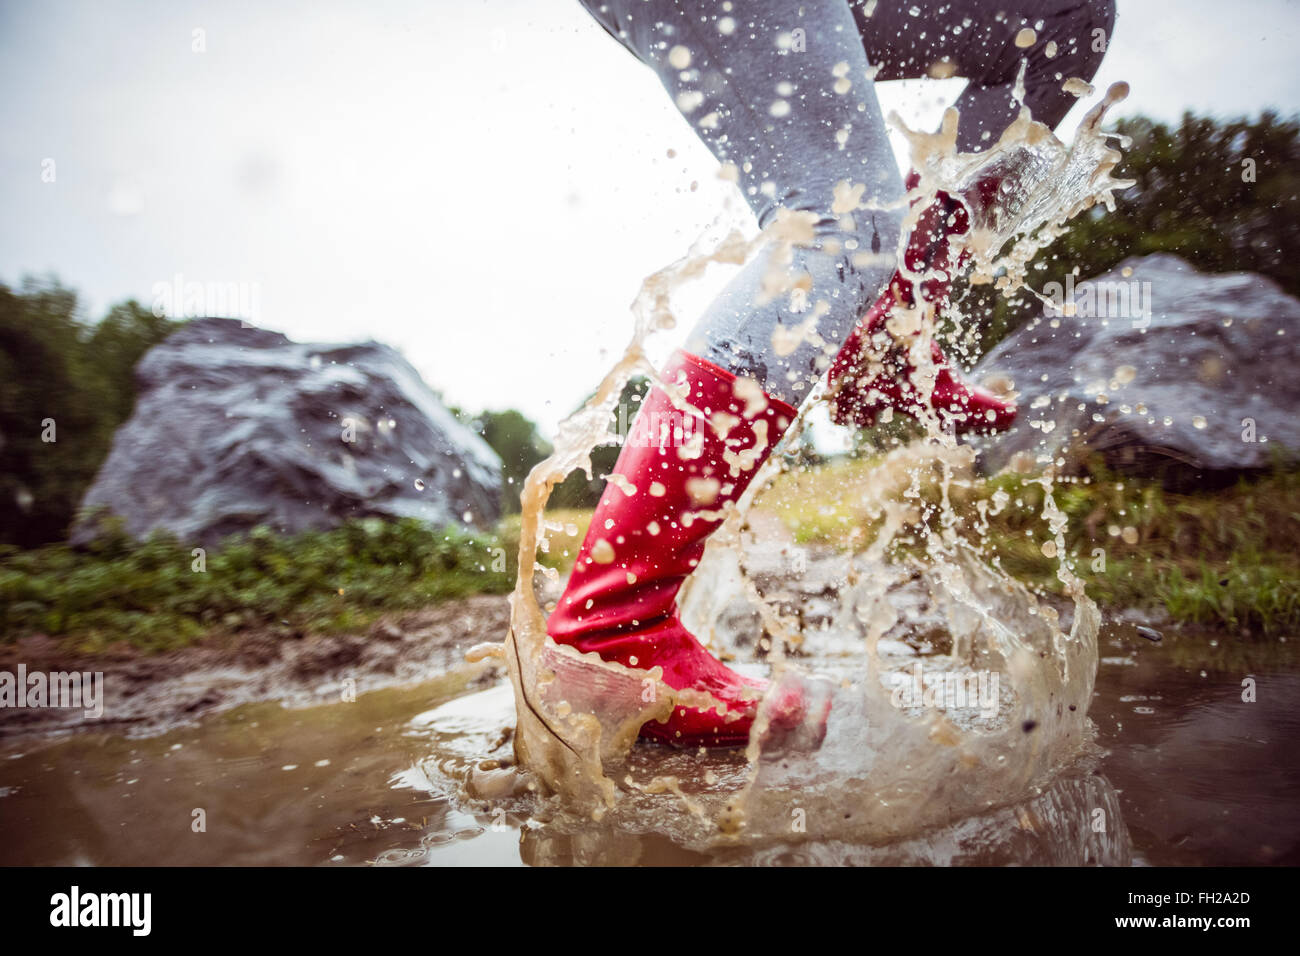 Frau im schlammigen Pfützen plantschen Stockbild